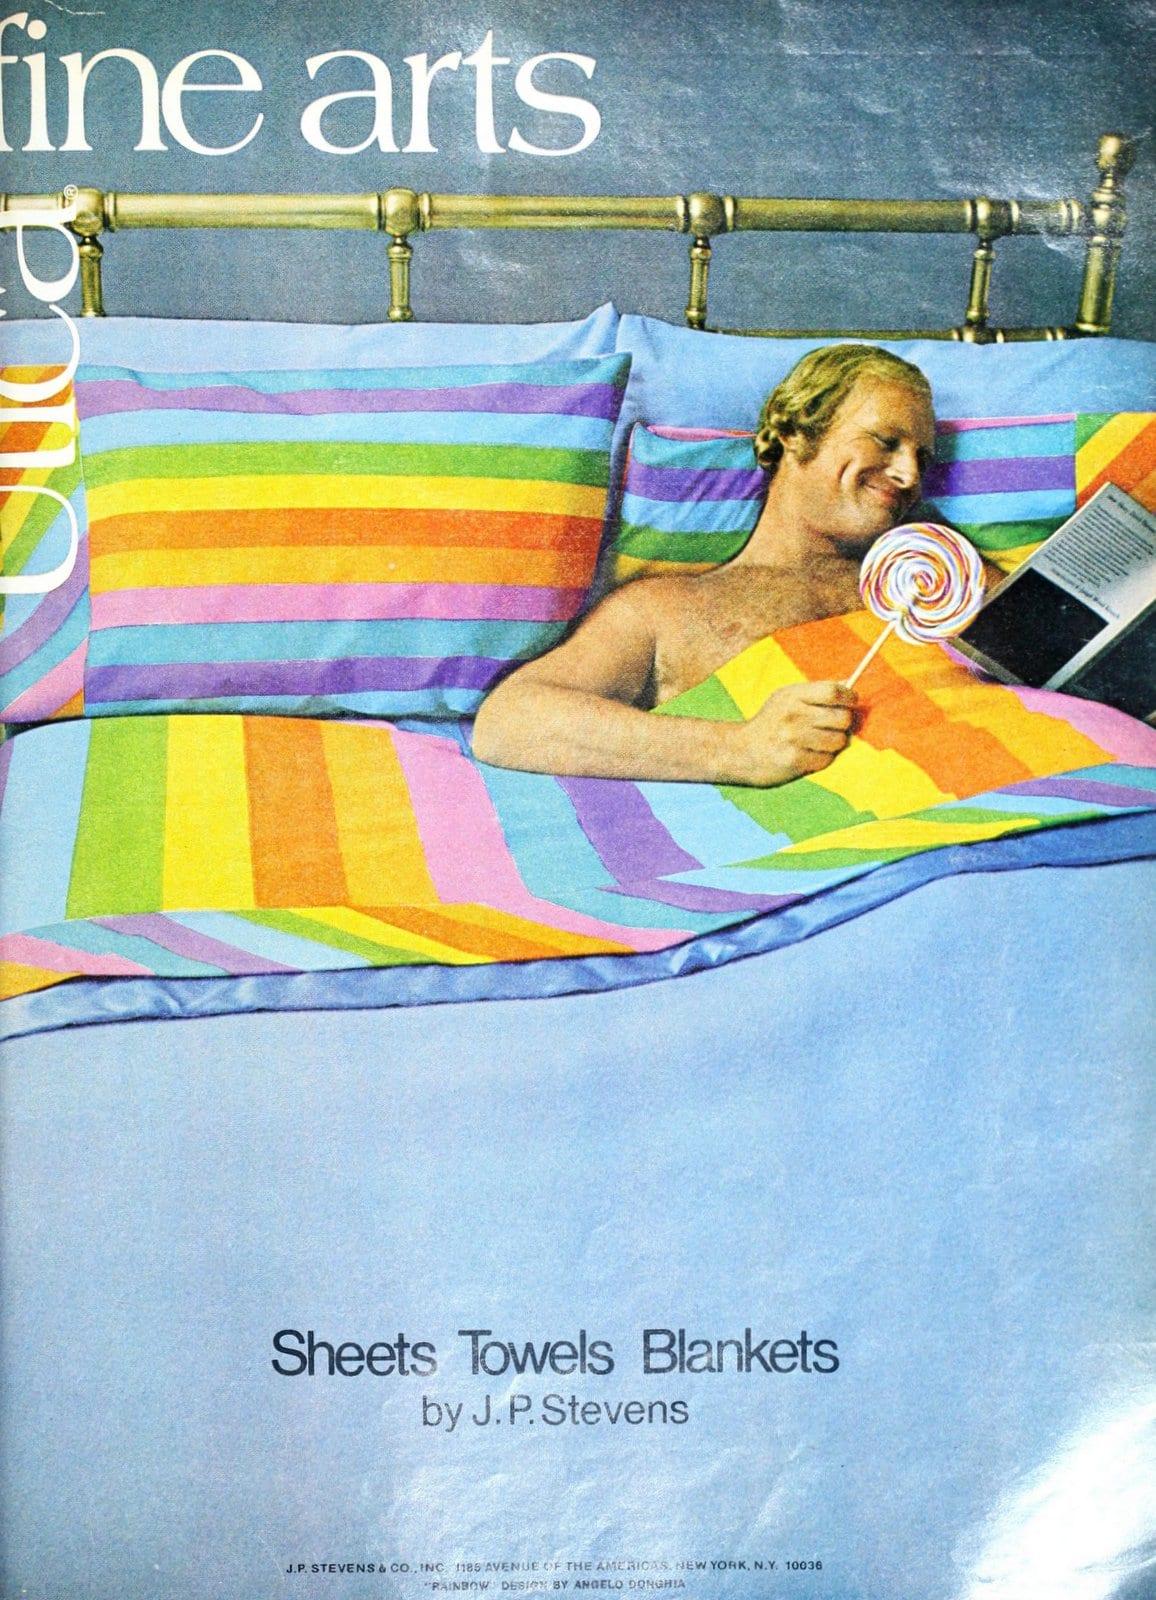 Vintage 1970s JP Stevens candystriped bedsheet design